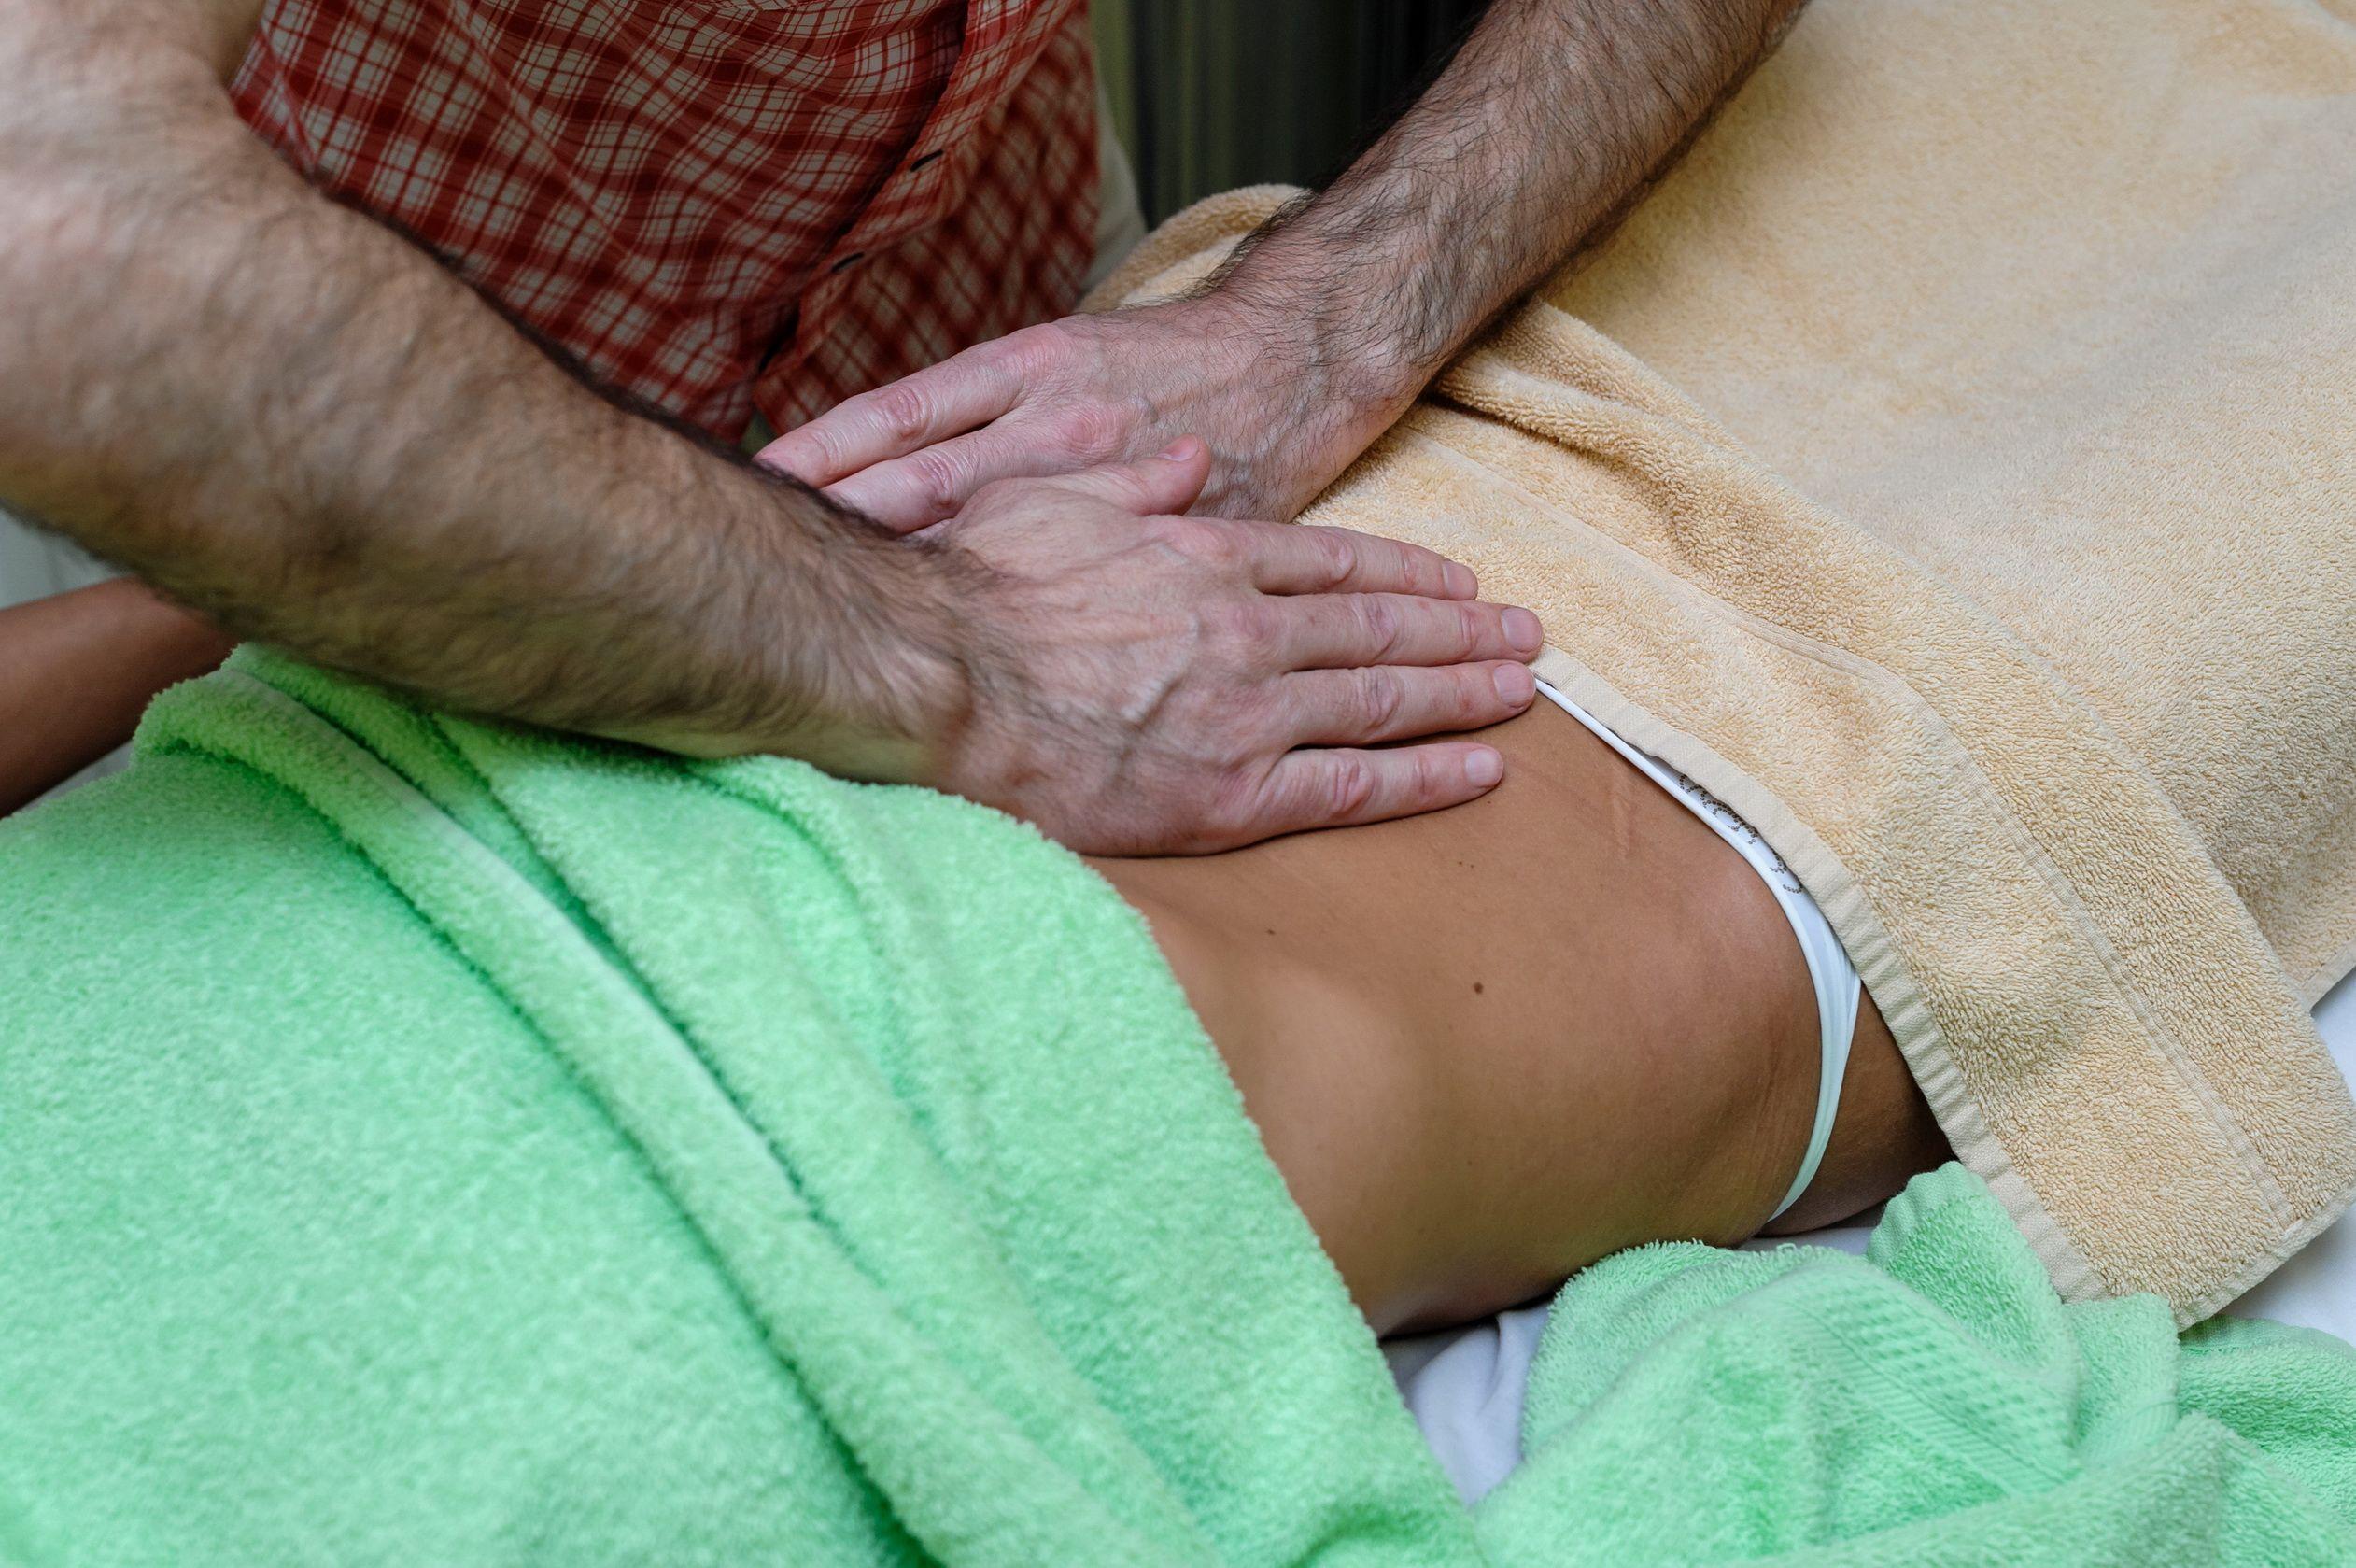 gydymas nuo hipertenzijos horizontali juosta ir hipertenzija